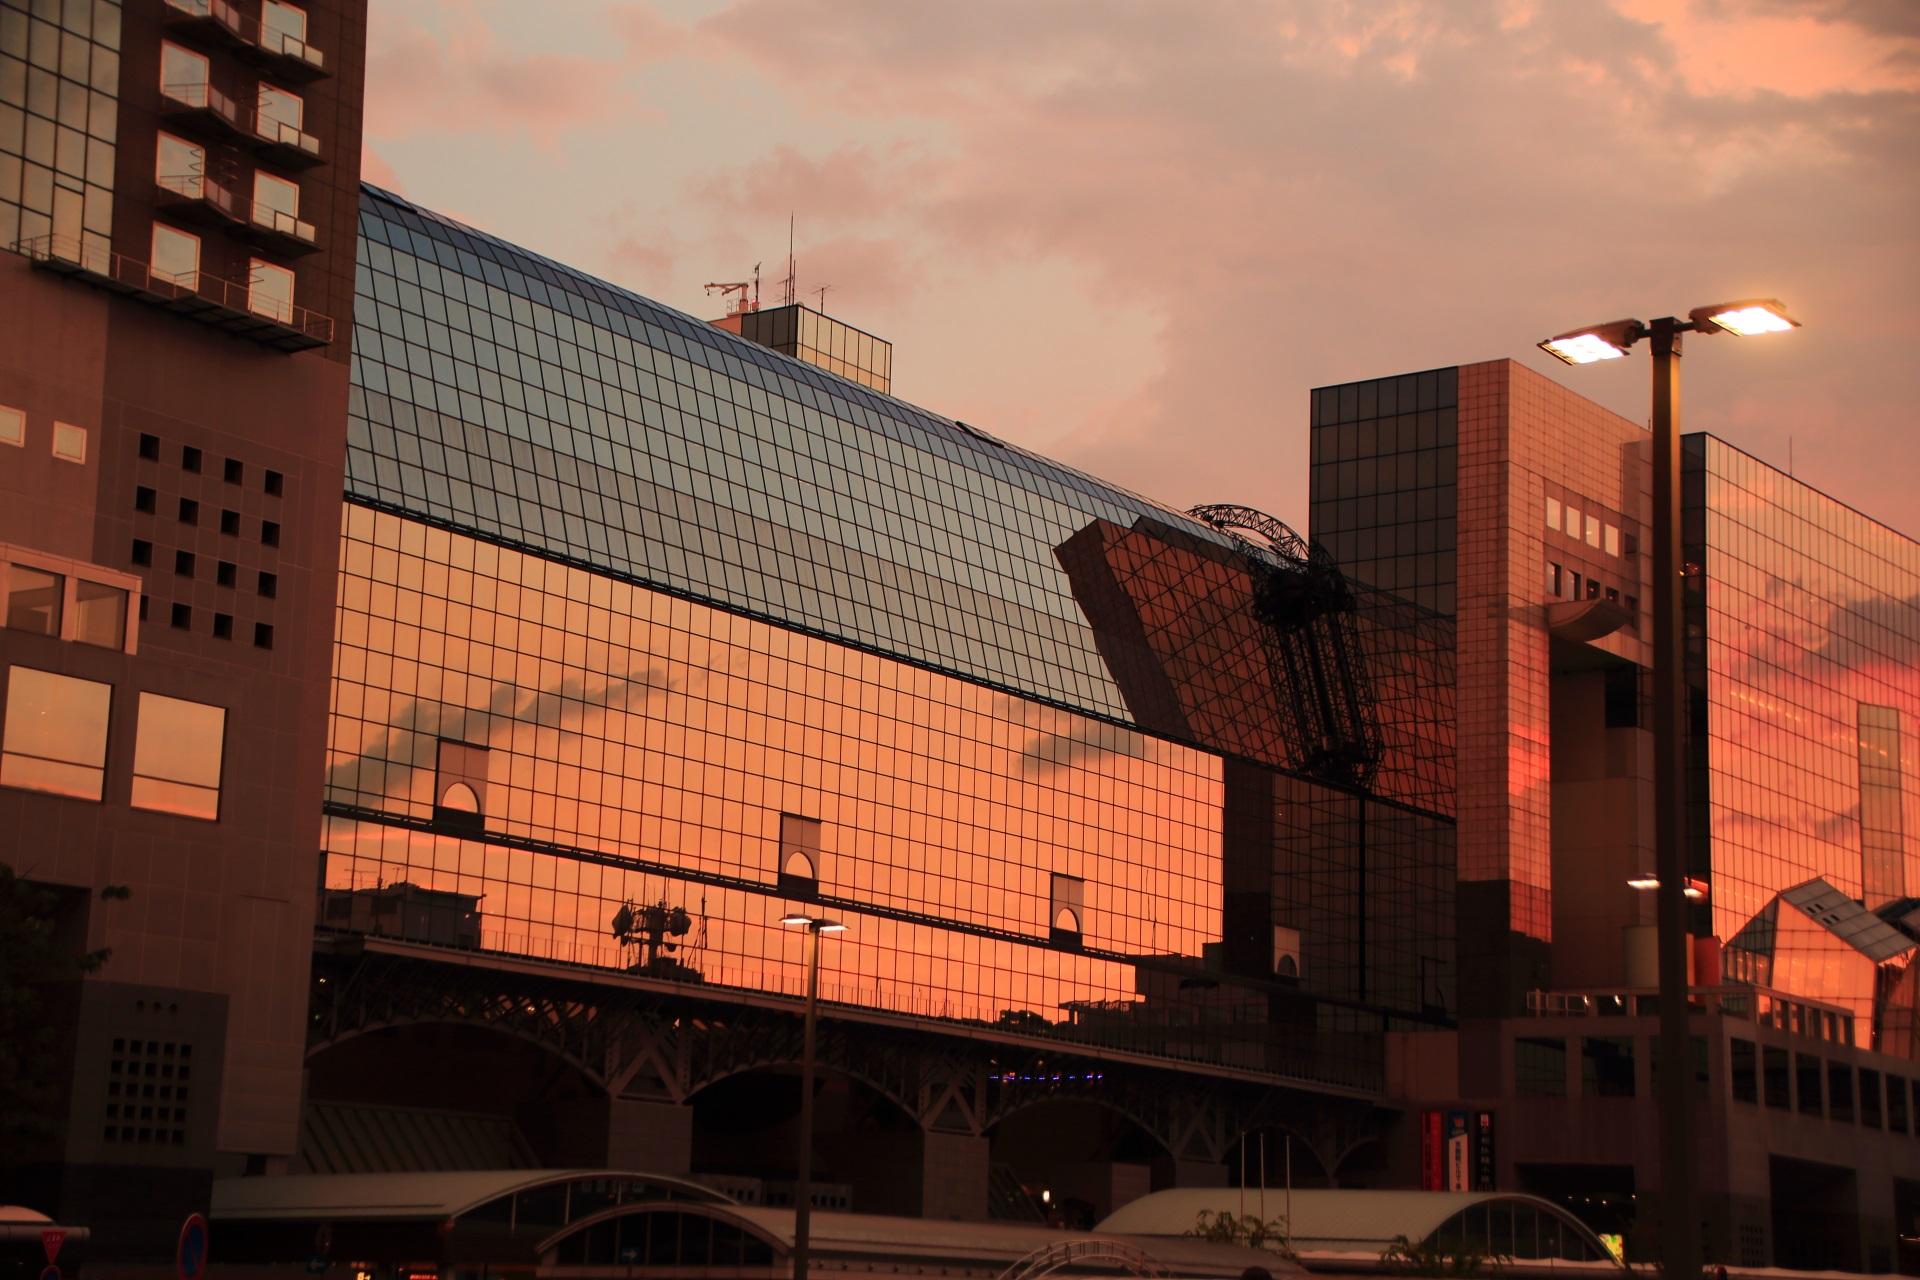 夕暮れの空を映し出す京都駅中央のガラス張り